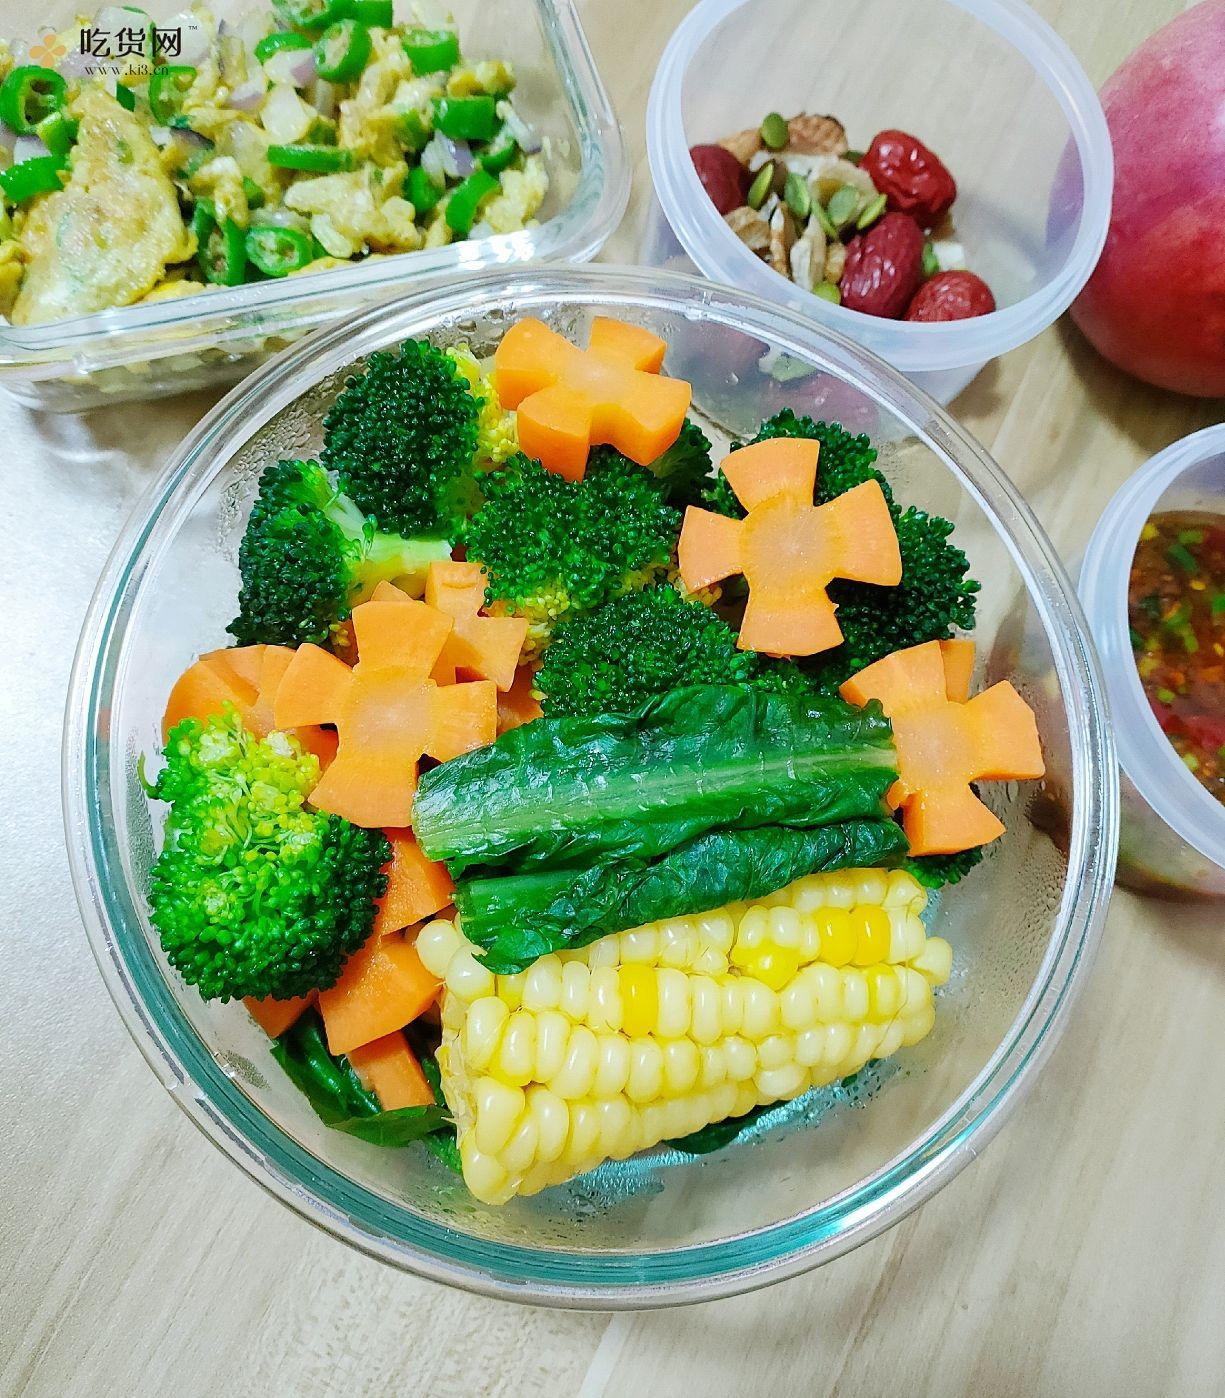 营养师推荐低碳饮食最适合的减肥餐主食的做法 步骤15